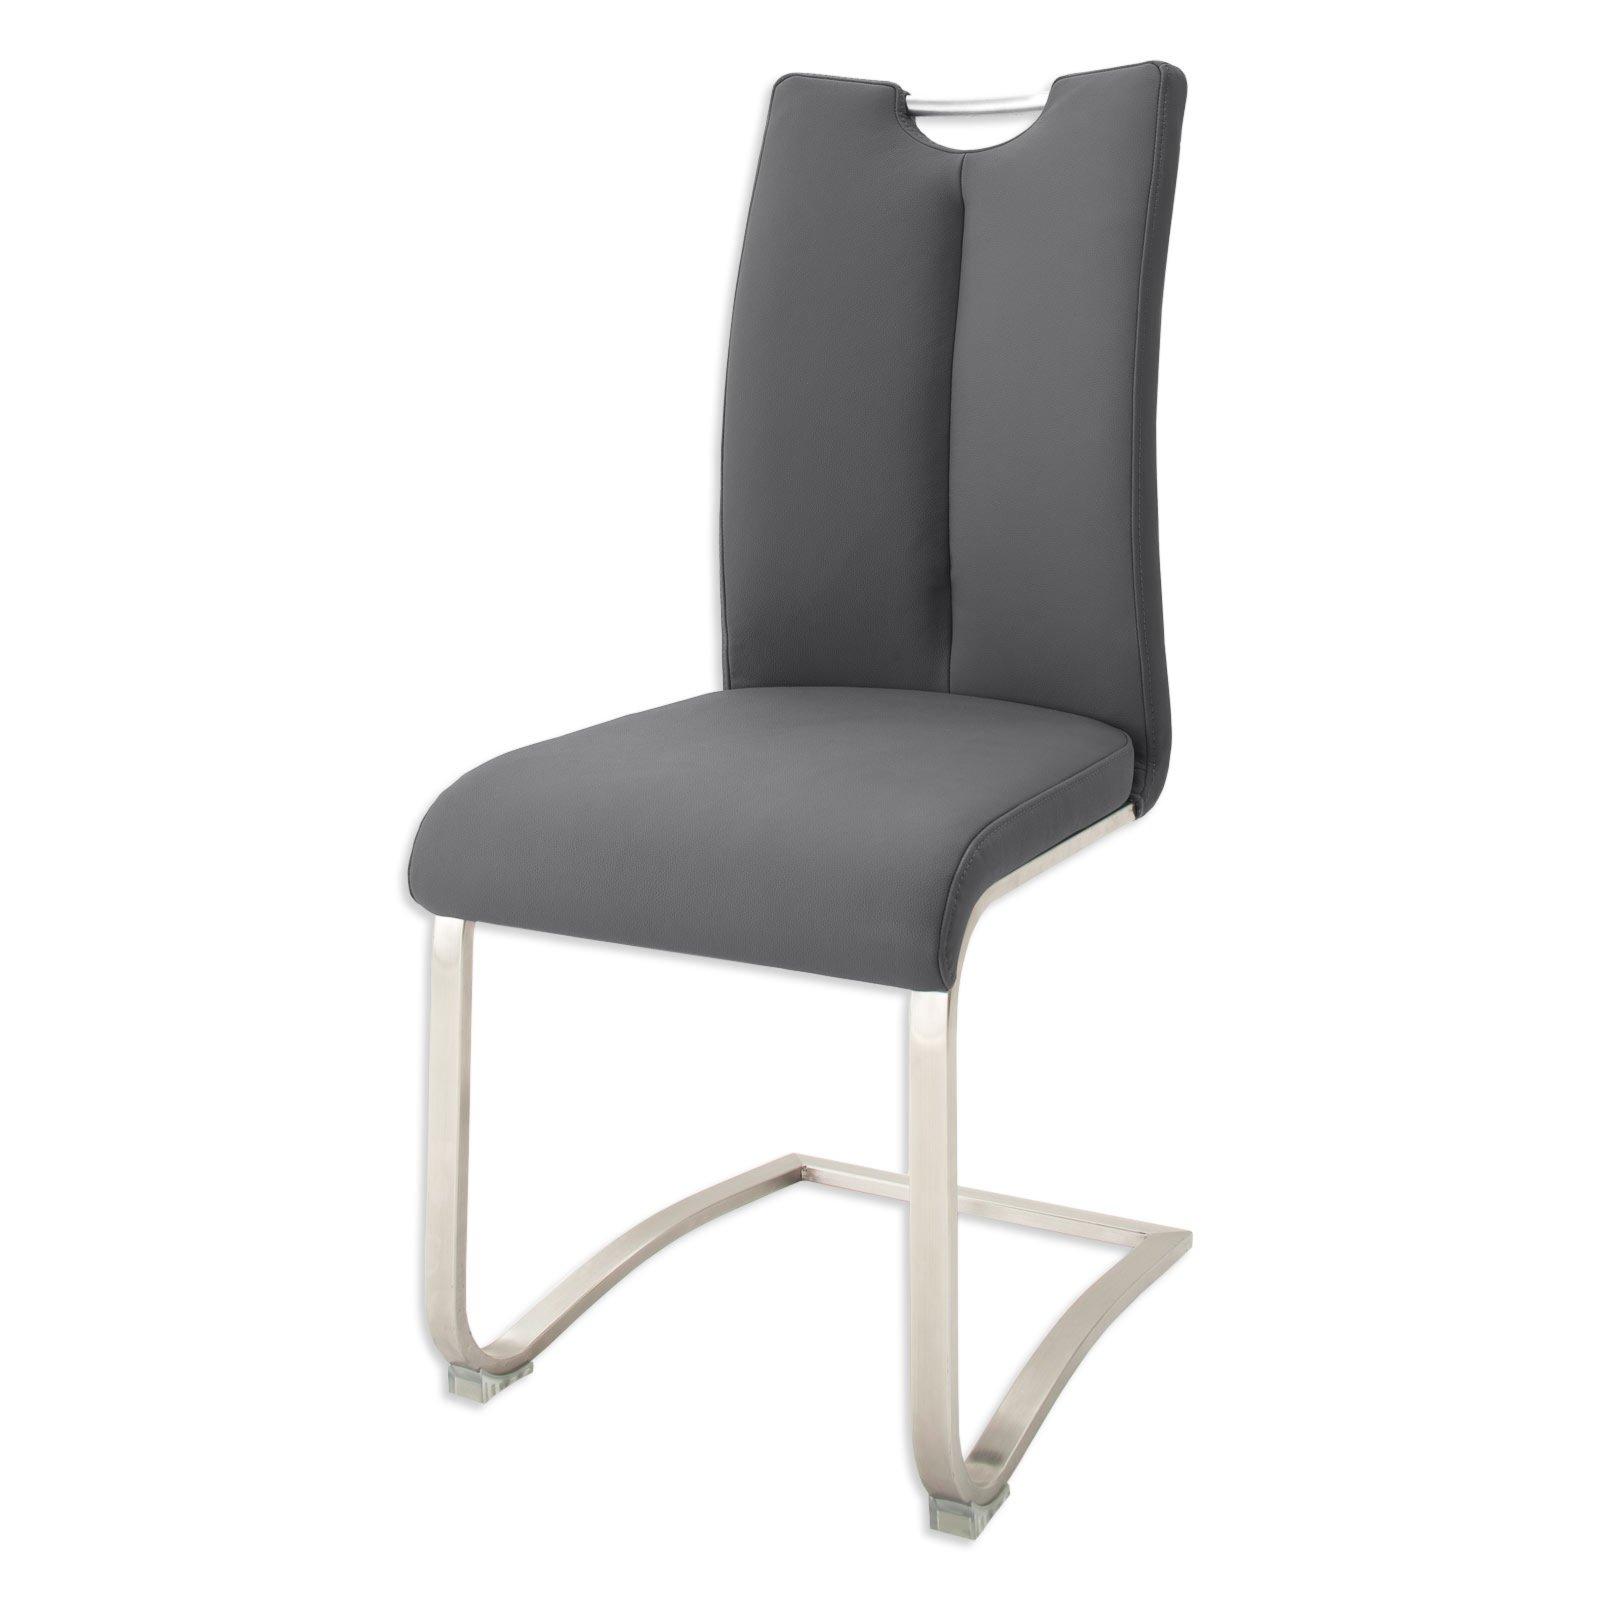 schwinger artos i xl grau freischwinger st hle. Black Bedroom Furniture Sets. Home Design Ideas